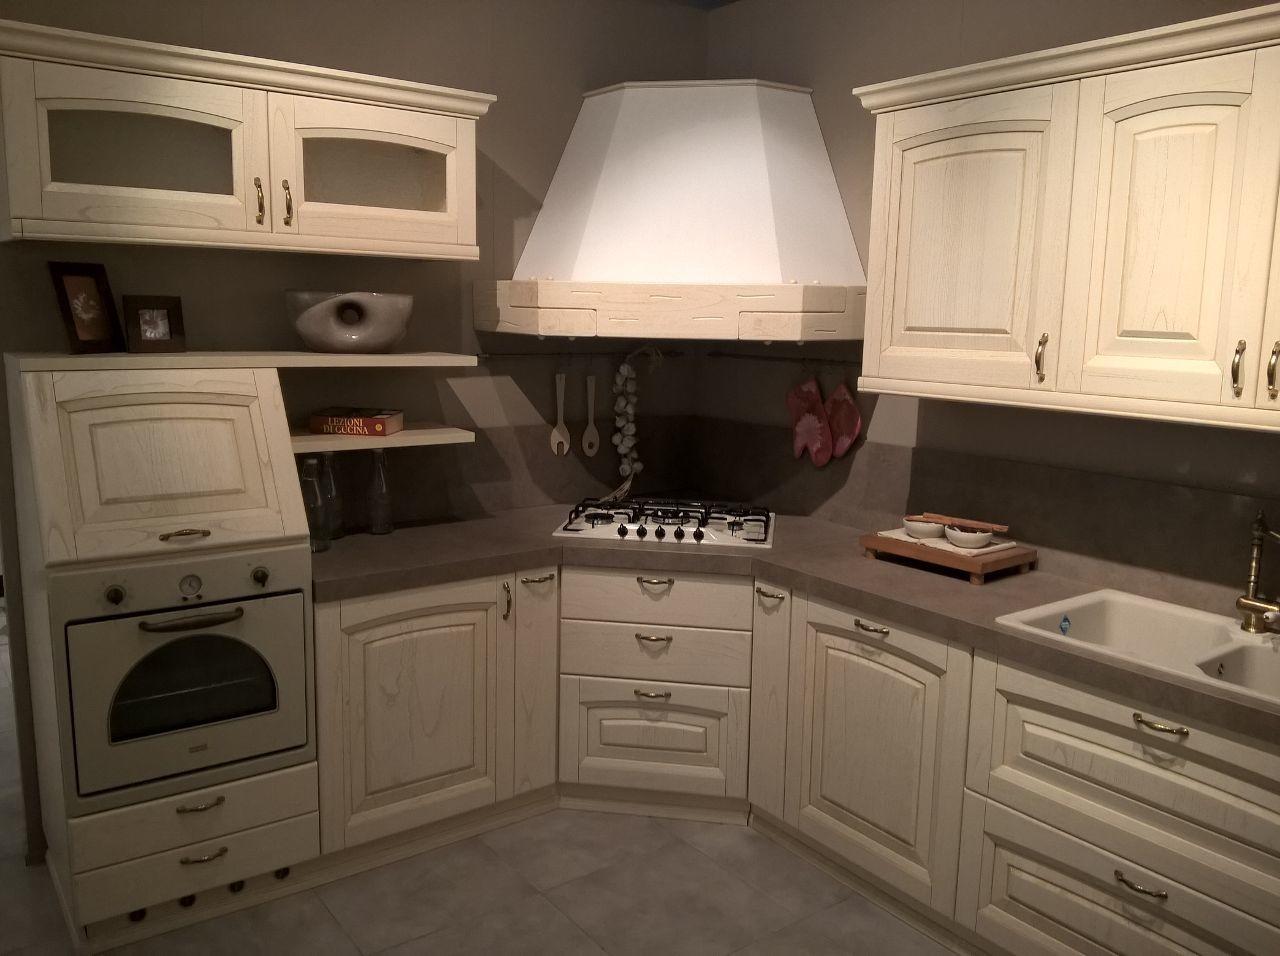 Promozioni cucine e arredamento centro cucine for Cucine di marca